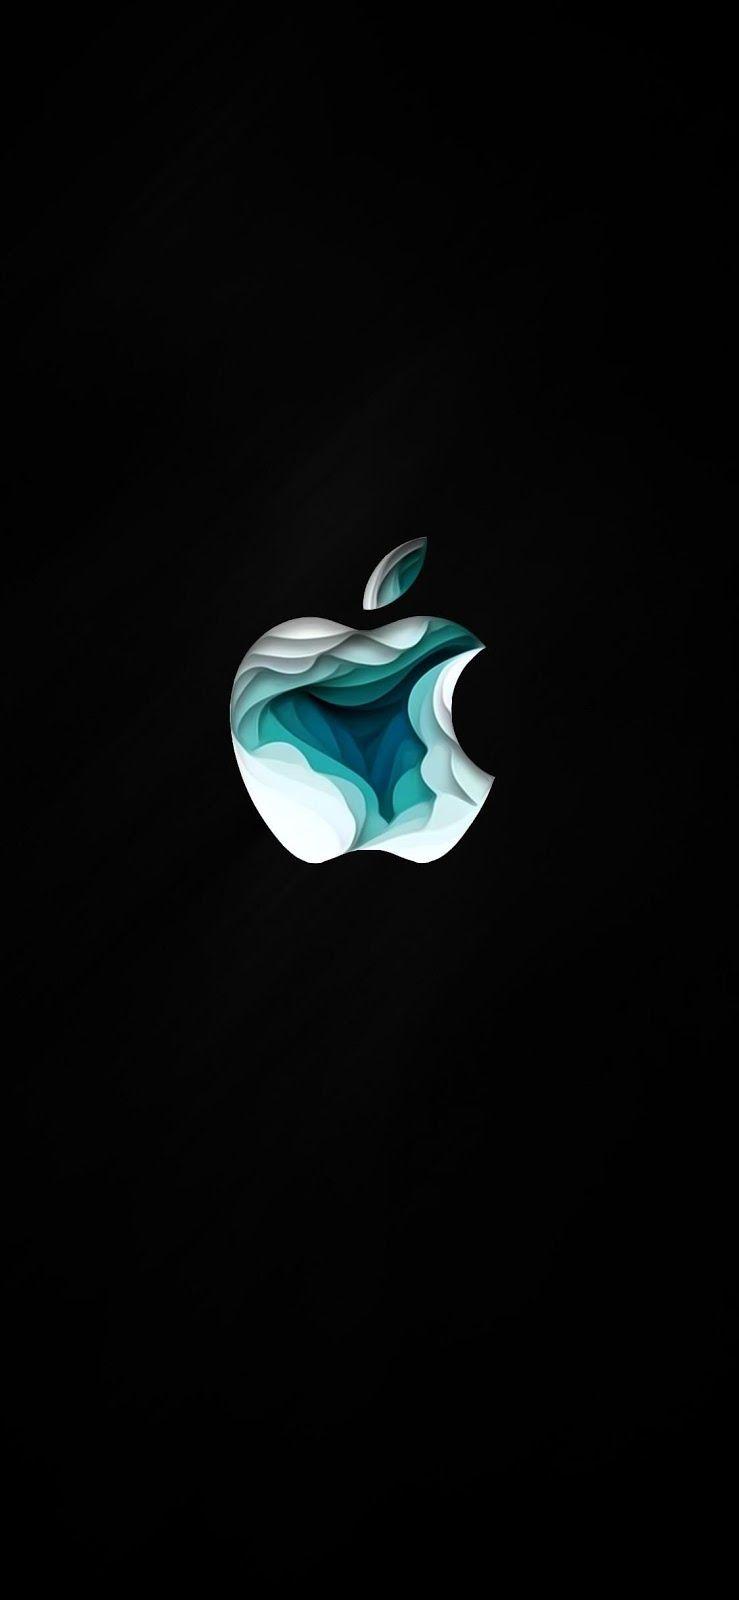 Apple Walpaper 4k My Walpaper In 2020 Apple Logo Wallpaper Iphone Apple Wallpaper Full Hd Apple Logo Wallpaper